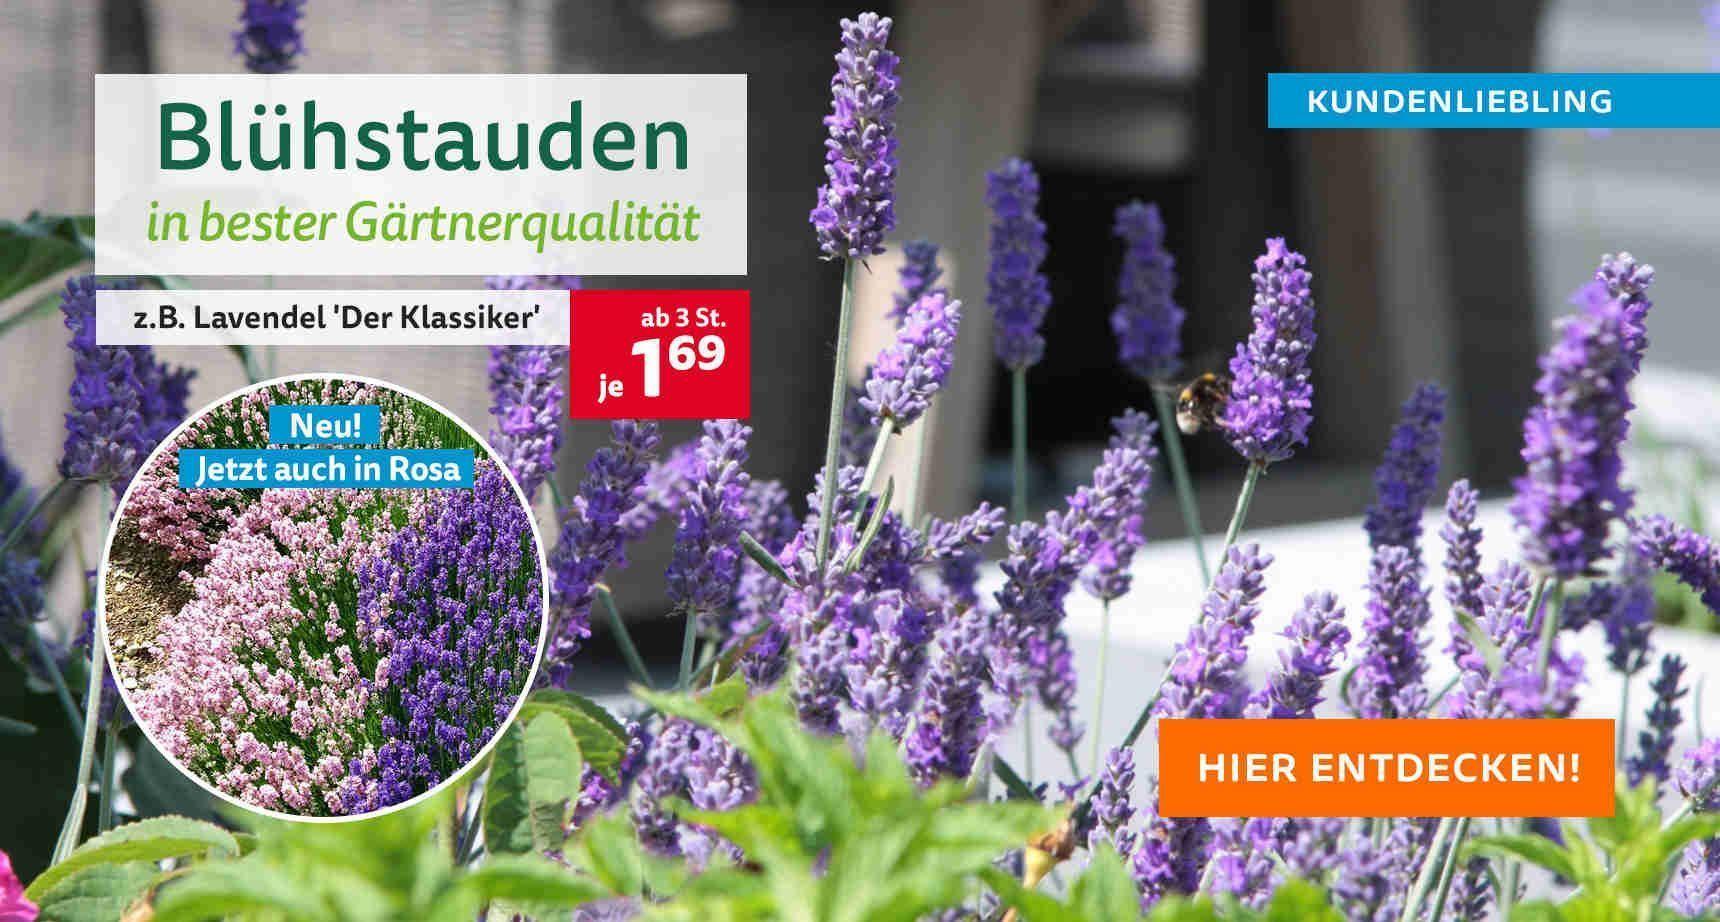 +++ (2) Blühstauden +++ - 3 #kletterpflanzenwinterhart +++ (2) Blühstauden +++ - 3 #kletterpflanzenwinterhart +++ (2) Blühstauden +++ - 3 #kletterpflanzenwinterhart +++ (2) Blühstauden +++ - 3 #kletterpflanzenwinterhart +++ (2) Blühstauden +++ - 3 #kletterpflanzenwinterhart +++ (2) Blühstauden +++ - 3 #kletterpflanzenwinterhart +++ (2) Blühstauden +++ - 3 #kletterpflanzenwinterhart +++ (2) Blühstauden +++ - 3 #kletterpflanzenwinterhart